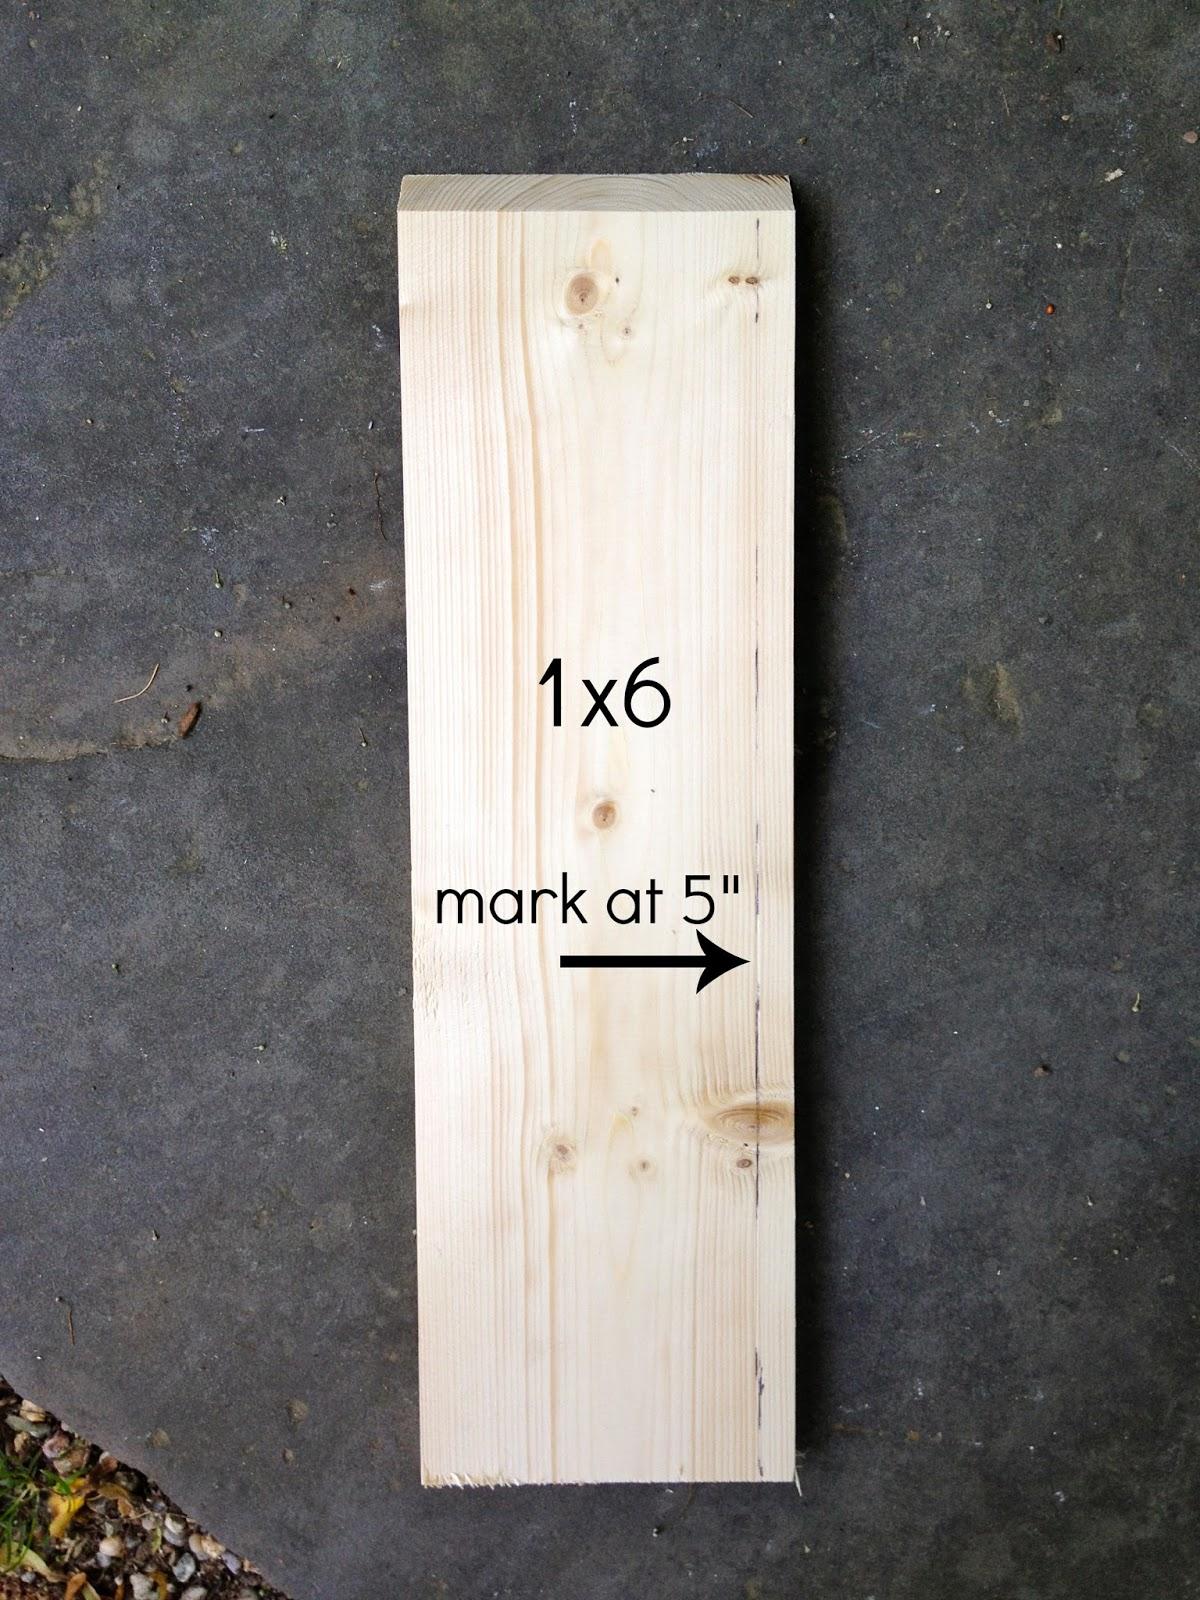 poster board leg wrap